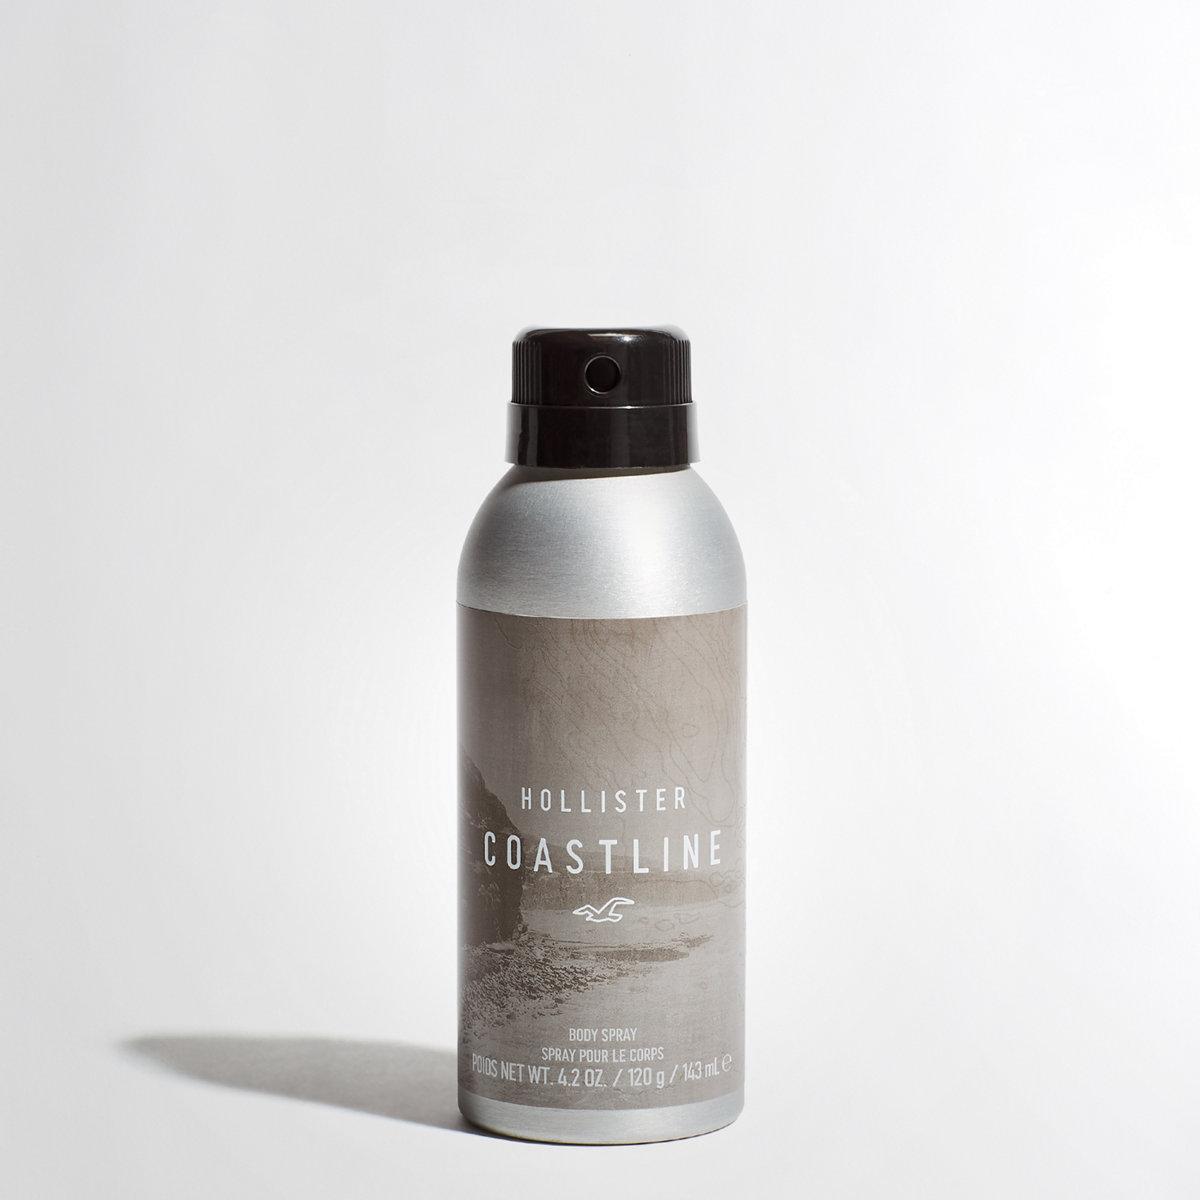 Coastline Body Spray